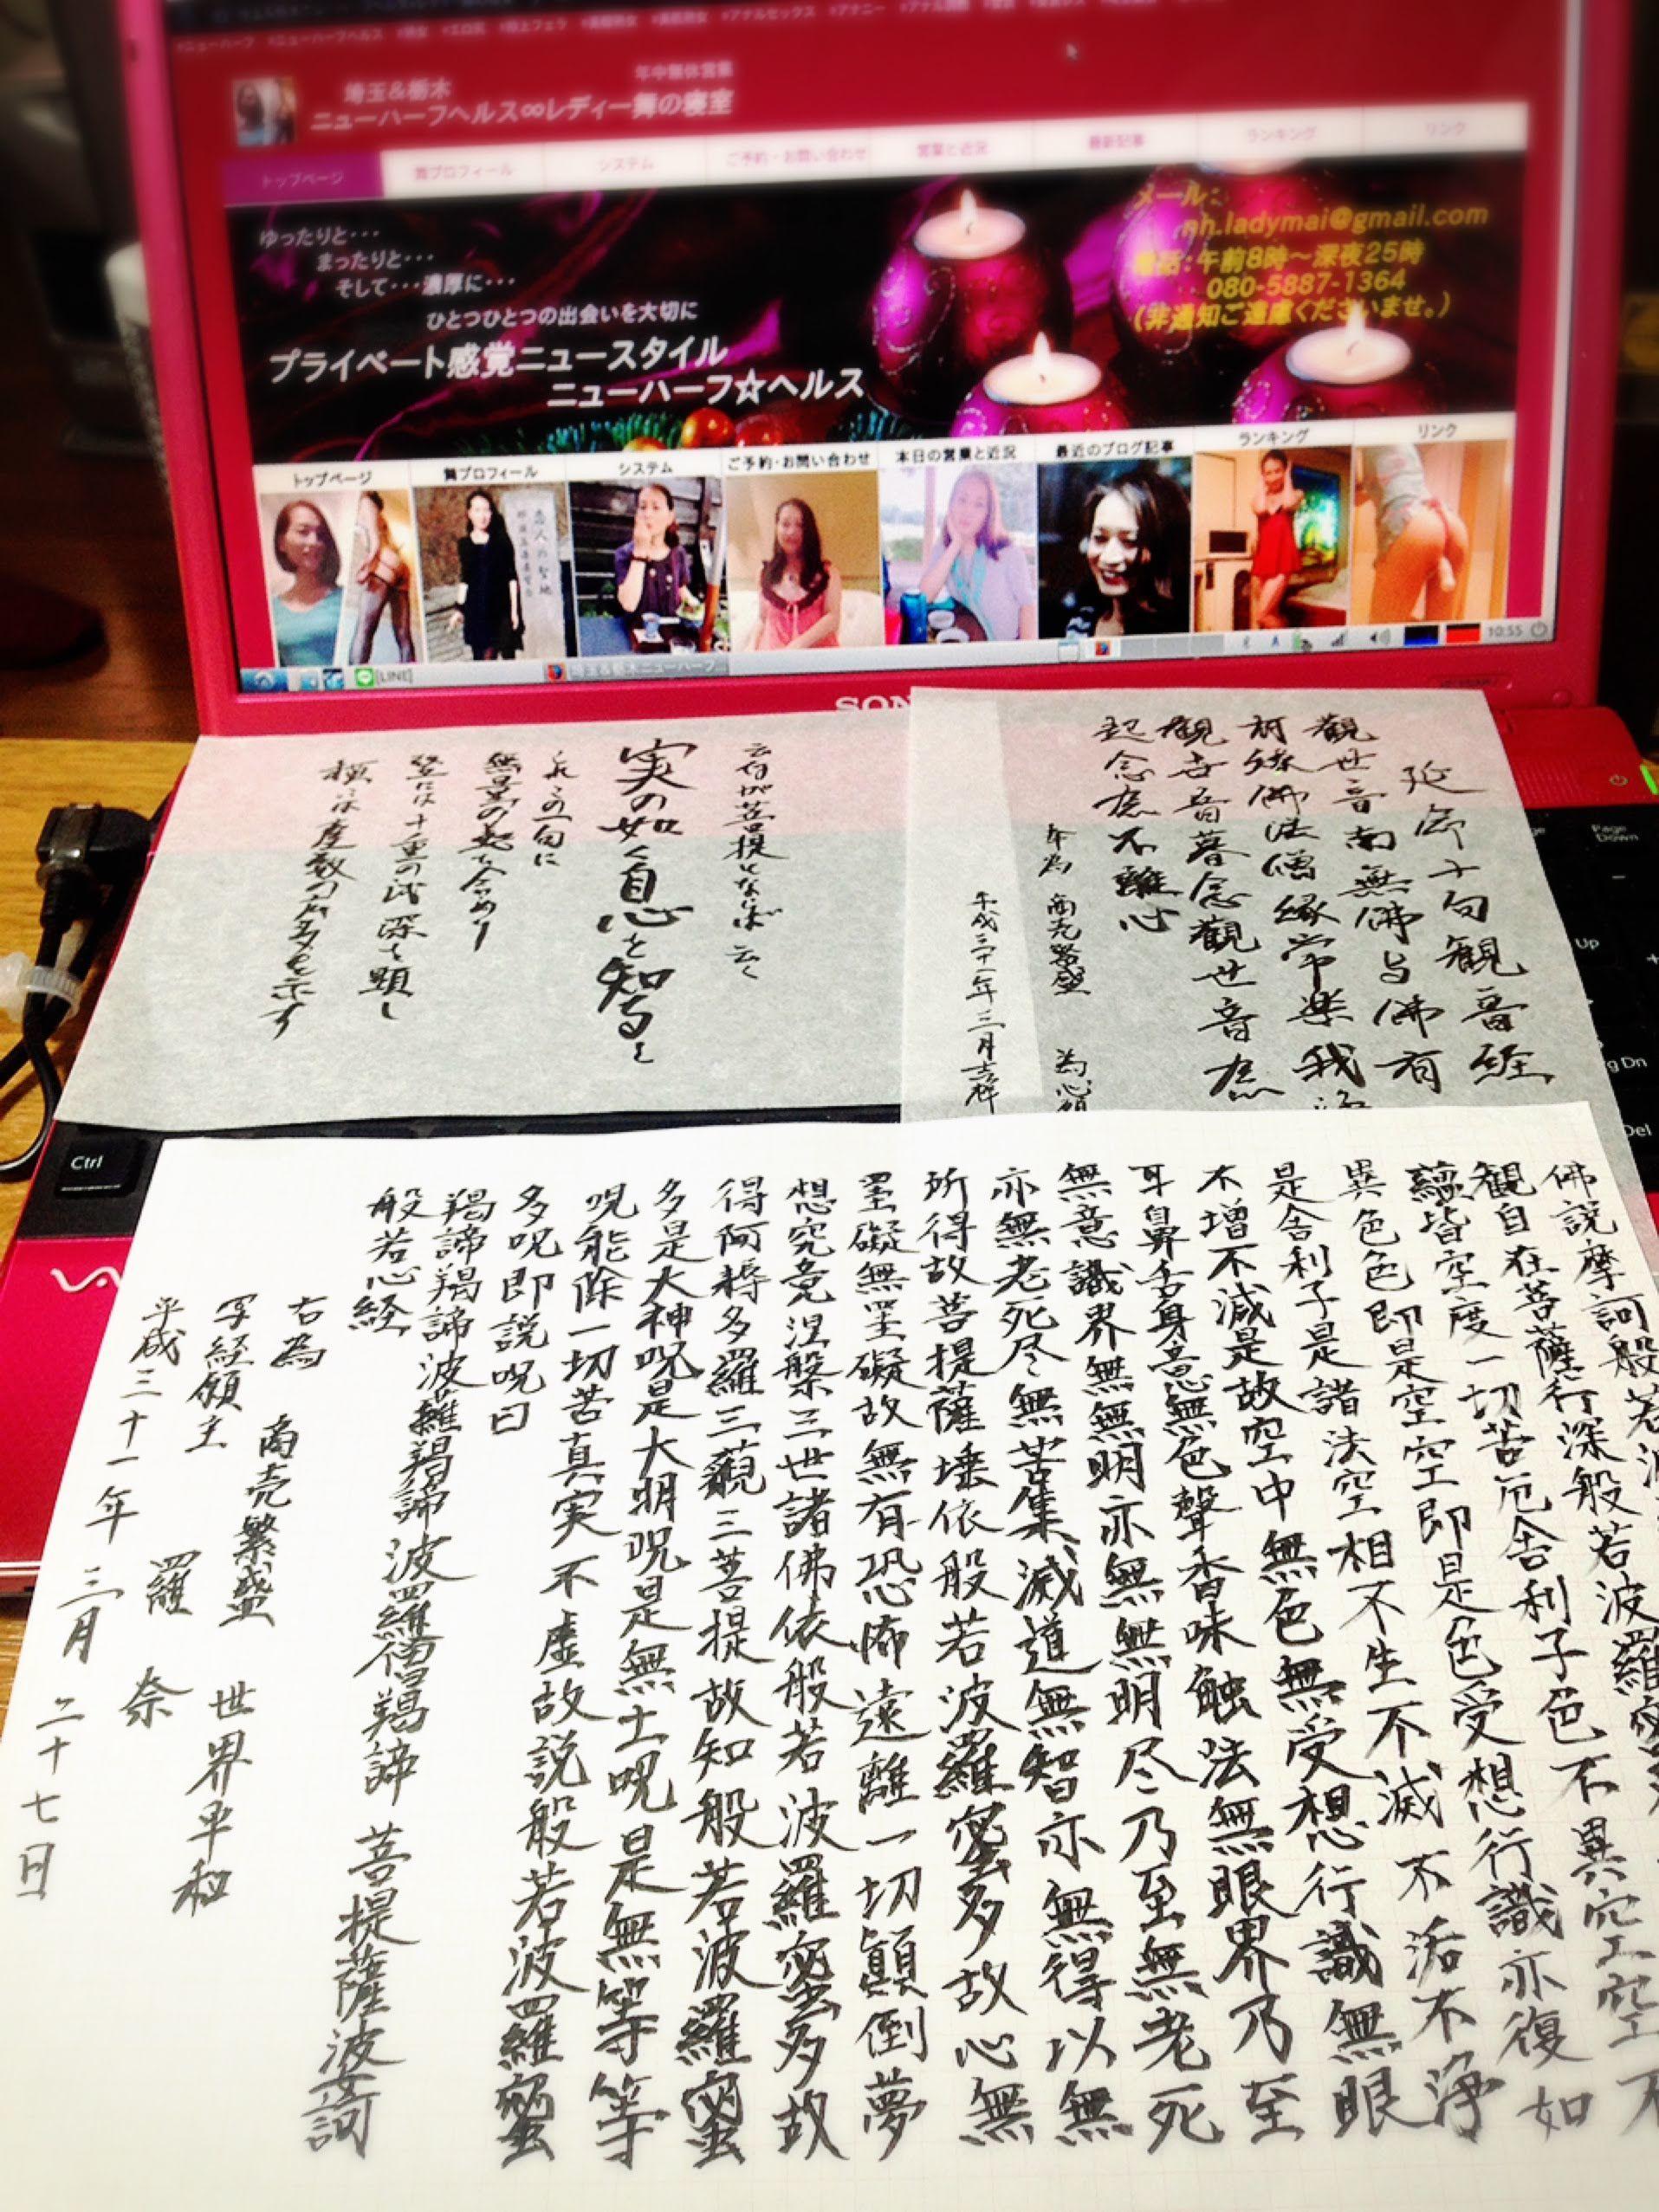 熟女NHヘルス孃・レディー舞の袖振り合うも他生の縁|nh-mai.com「ニューハーフヘルス・レディー舞の寝室」に記事をアップしました。